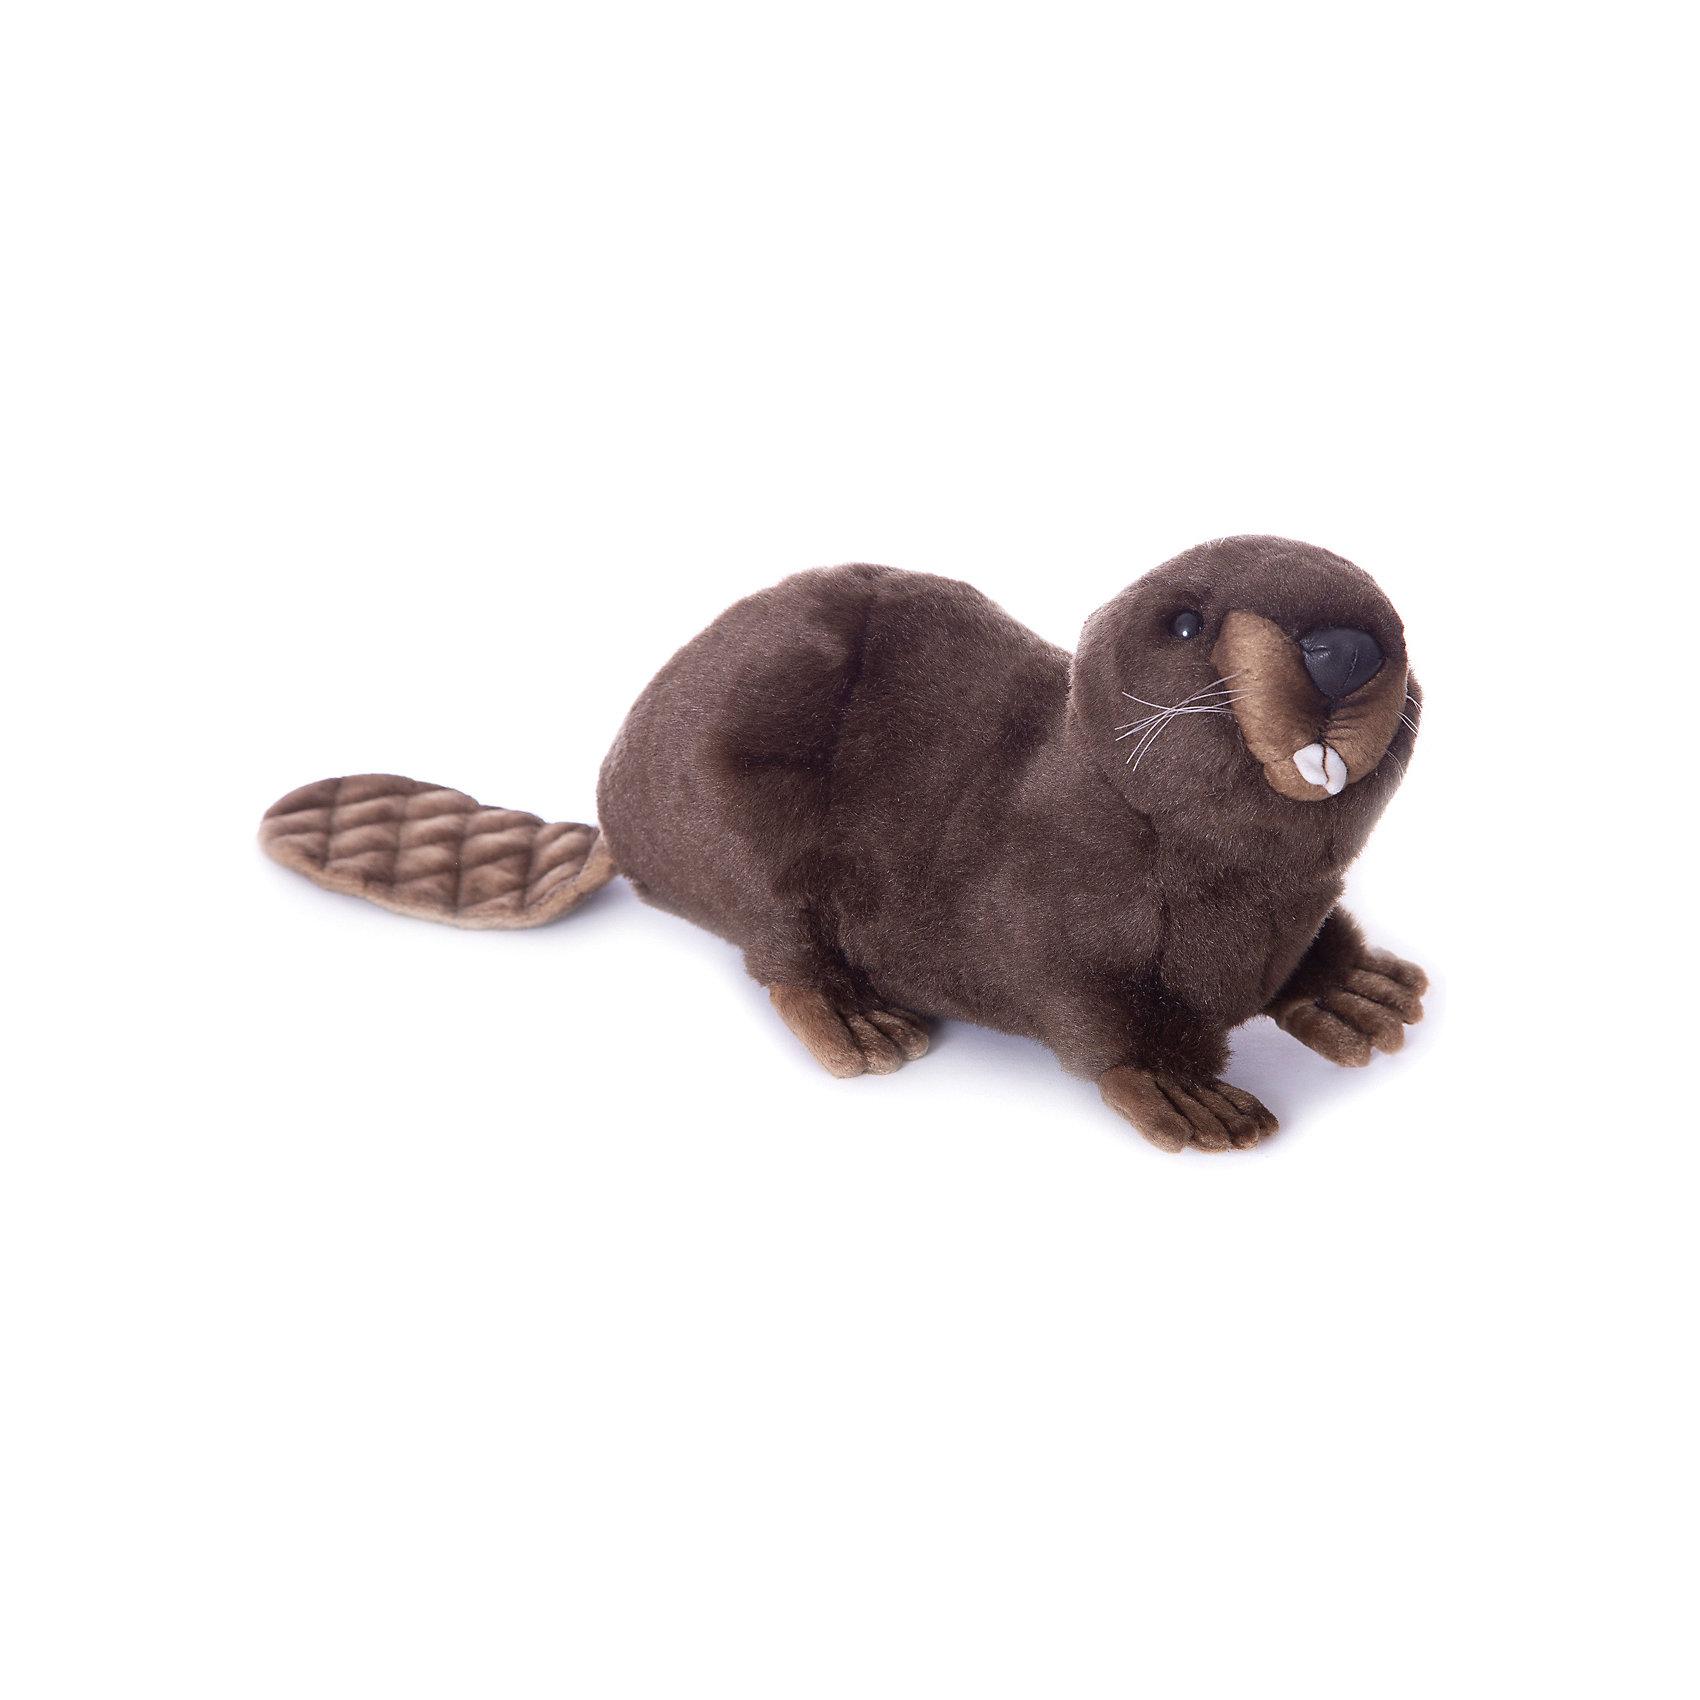 Бобёр, 32 см, HansaМягкие игрушки животные<br>Бобер, 32 см – игрушка от знаменитого бренда Hansa, специализирующегося на выпуске мягких игрушек с высокой степенью натуралистичности. Внешний вид игрушечного бобра полностью соответствует реальному прототипу – речному бобру. Он выполнен из искусственного меха коричневого цвета с ворсом средней длины; хвост, ушки и лапки – из короткого меха. Использованные материалы обладают гипоаллергенными свойствами. Внутри игрушки имеется металлический каркас, позволяющий изменять положение. <br>Игрушка относится к серии Дикие животные. <br>Мягкие игрушки от Hansa подходят для сюжетно-ролевых игр, для обучающих игр, направленных на знакомство с животным миром дикой природы. Кроме того, их можно использовать в качестве интерьерных игрушек. Коллекция из нескольких игрушек позволяет создать свой домашний зоопарк, который будет радовать вашего ребенка долгое время, так как ручная работа и качественные материалы гарантируют их долговечность и прочность.<br><br>Дополнительная информация:<br><br>- Вид игр: сюжетно-ролевые игры, коллекционирование, интерьерные игрушки<br>- Предназначение: для дома, для детских развивающих центров, для детских садов<br>- Материал: искусственный мех, наполнитель ? полиэфирное волокно<br>- Размер (ДхШхВ): 32*16*20 см<br>- Вес: 560 г<br>- Особенности ухода: сухая чистка при помощи пылесоса или щетки для одежды<br><br>Подробнее:<br><br>• Для детей в возрасте: от 3 лет <br>• Страна производитель: Филиппины<br>• Торговый бренд: Hansa<br><br>Бобра, 32 см можно купить в нашем интернет-магазине.<br><br>Ширина мм: 32<br>Глубина мм: 16<br>Высота мм: 20<br>Вес г: 560<br>Возраст от месяцев: 36<br>Возраст до месяцев: 2147483647<br>Пол: Унисекс<br>Возраст: Детский<br>SKU: 4927151